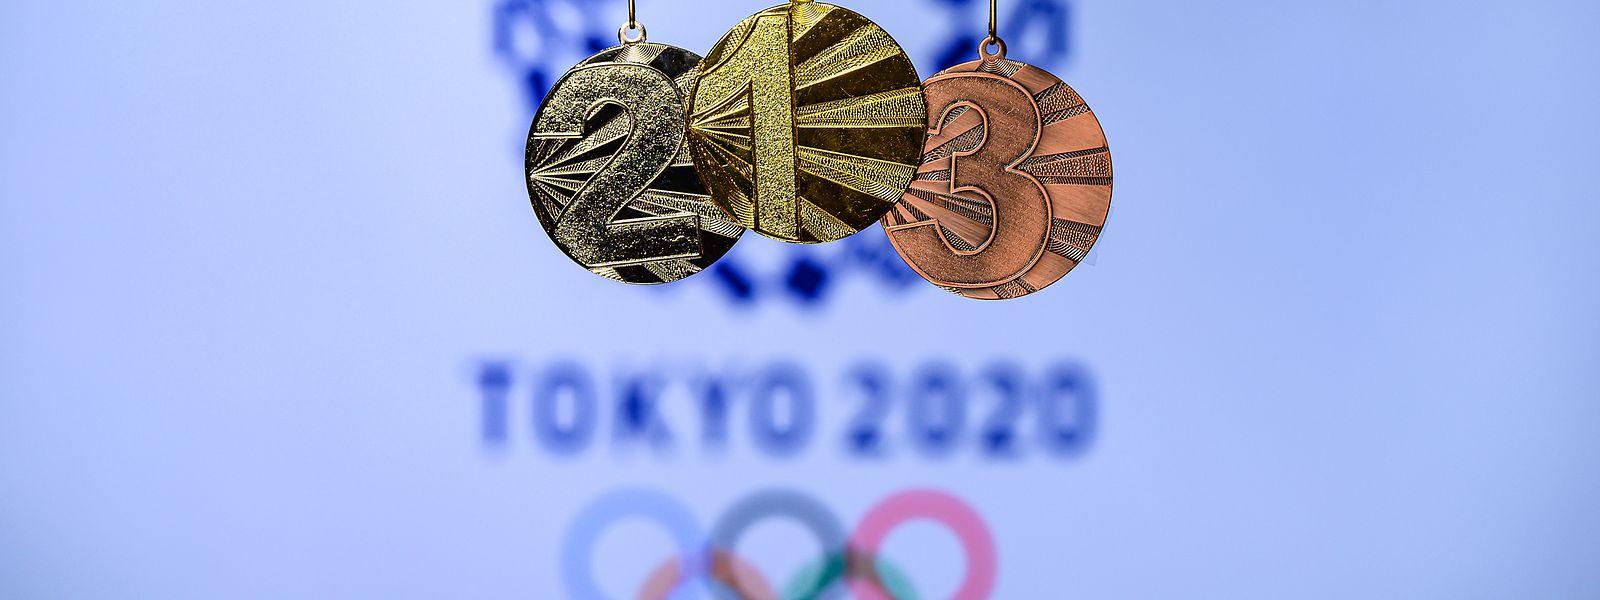 Les douze athlètes luxembourgeois tenteront, entre le 23 juillet et le 5 août de faire briller les couleurs du Luxembourg au cours des JO de Tokyo.